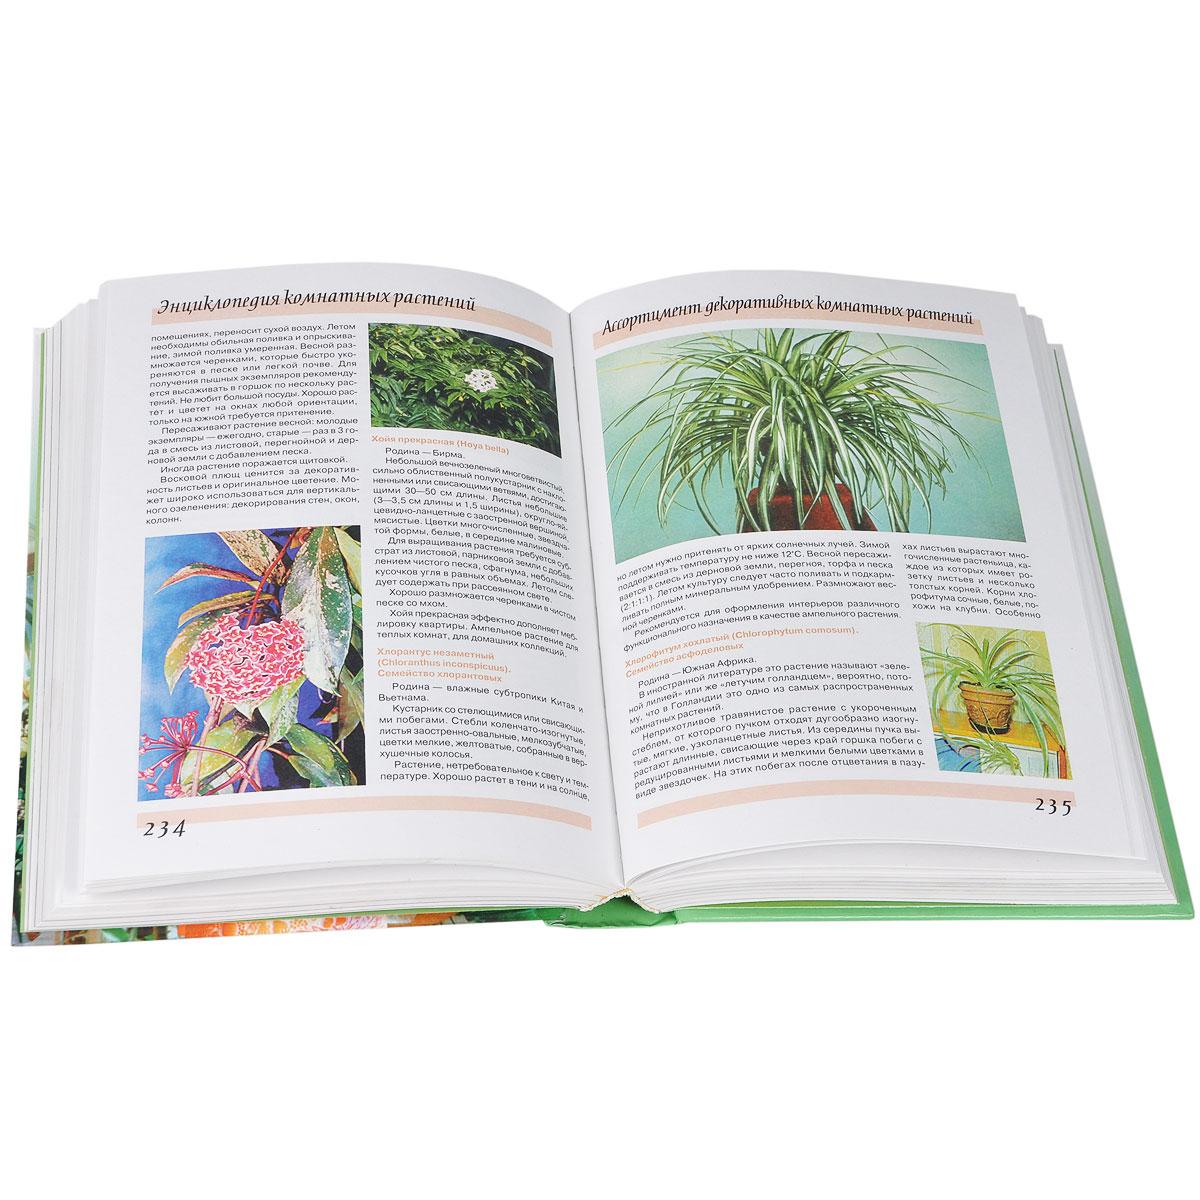 Цветы энциклопедия комнатных растений фото